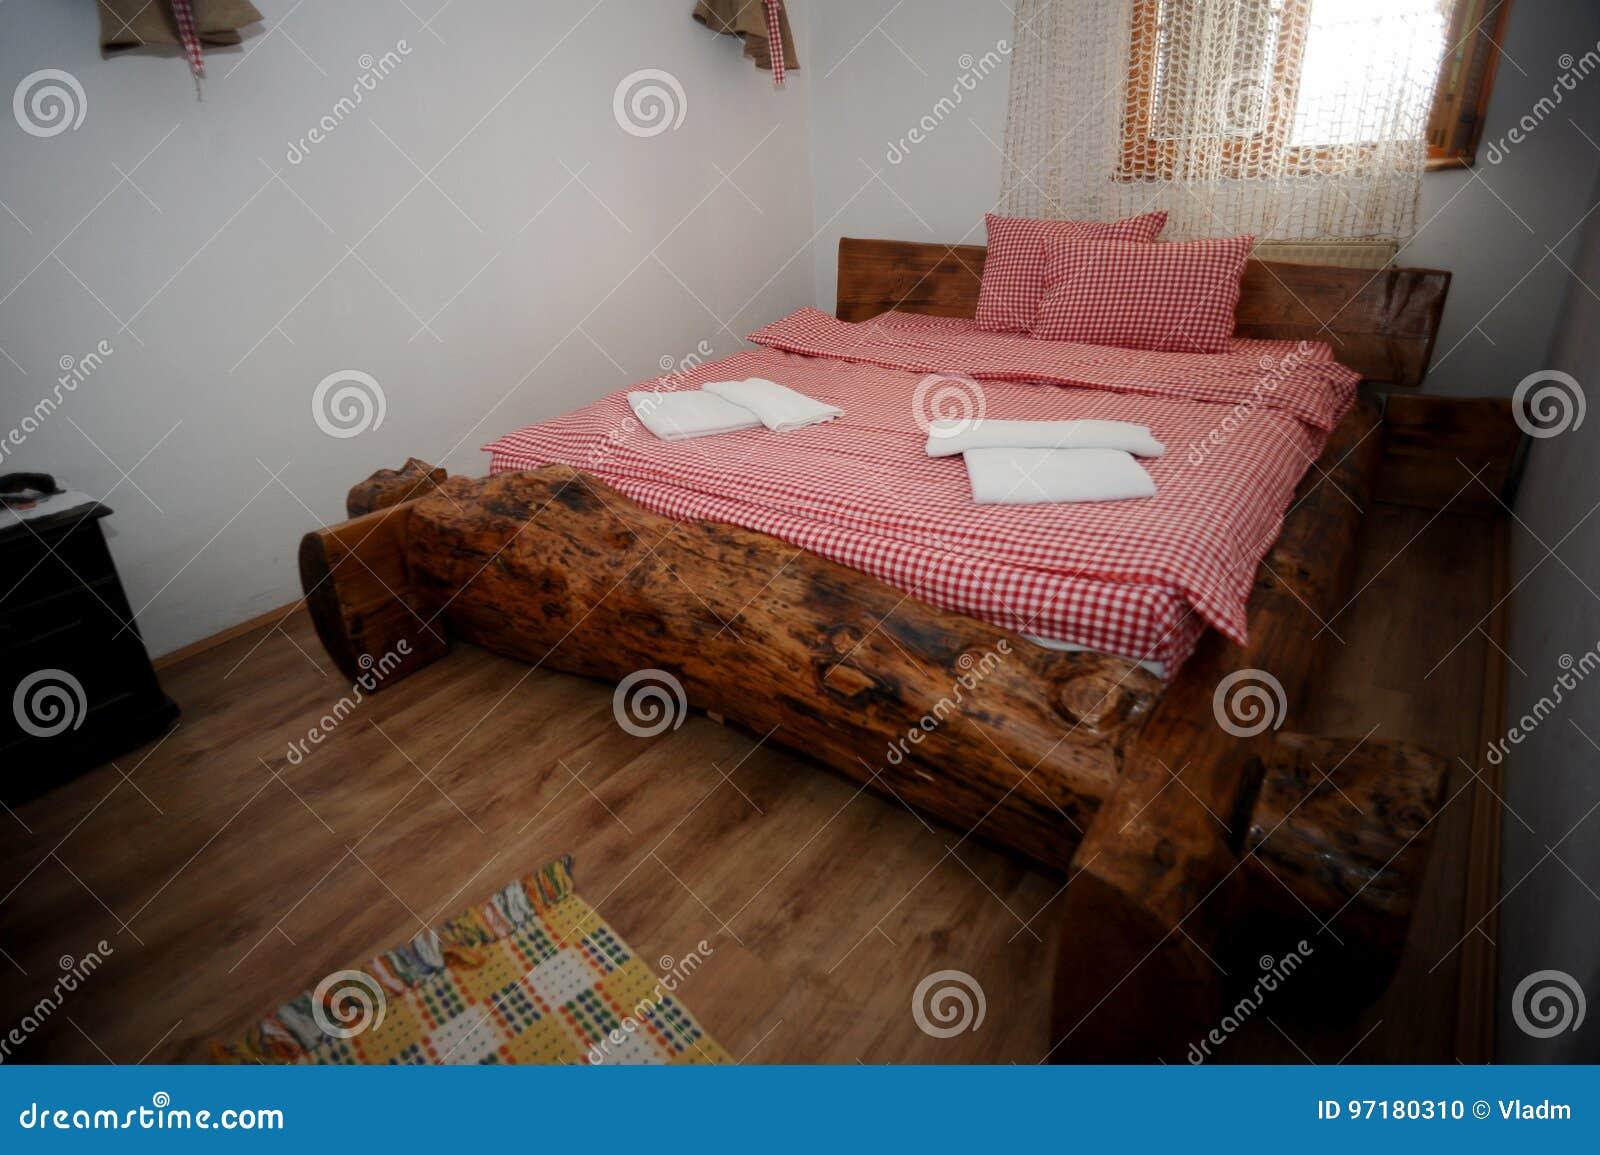 Letto Rustico Legno : Vecchio letto rustico di legno con gli strati rossi nel cottage